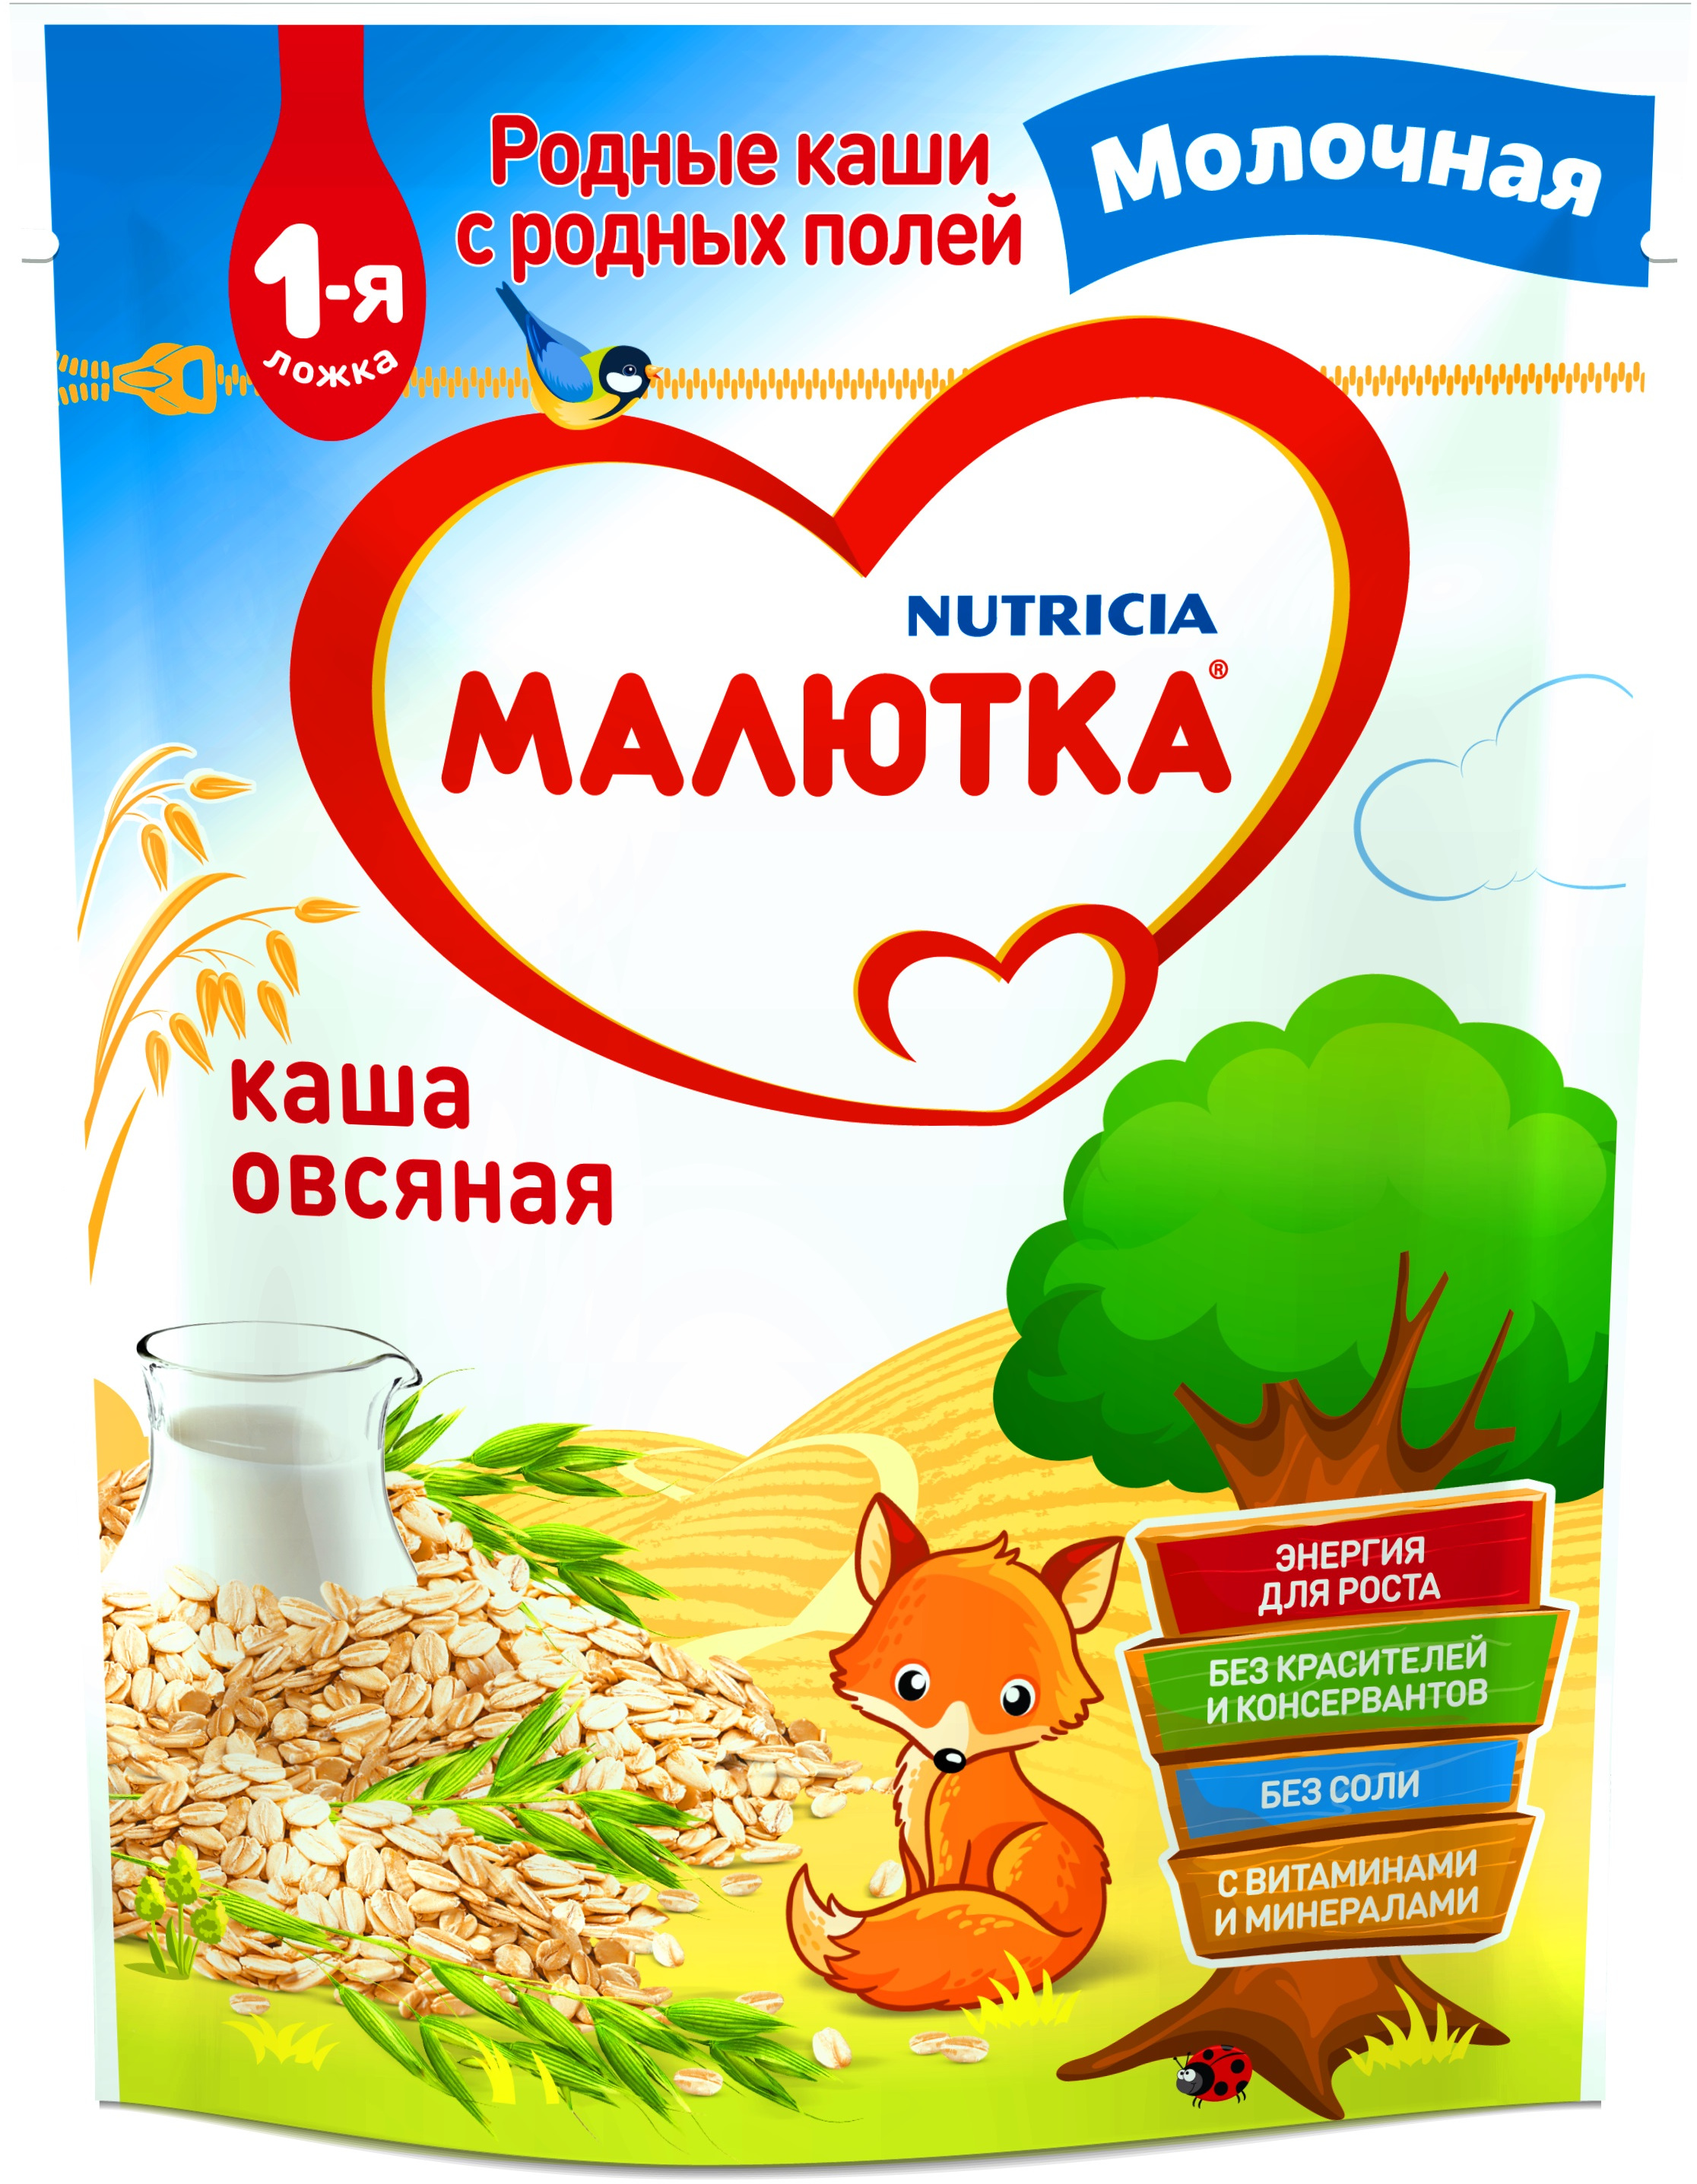 Купить Молочные, Малютка (Nutricia) Молочная овсяная (с 5 месяцев) 220 г, Россия